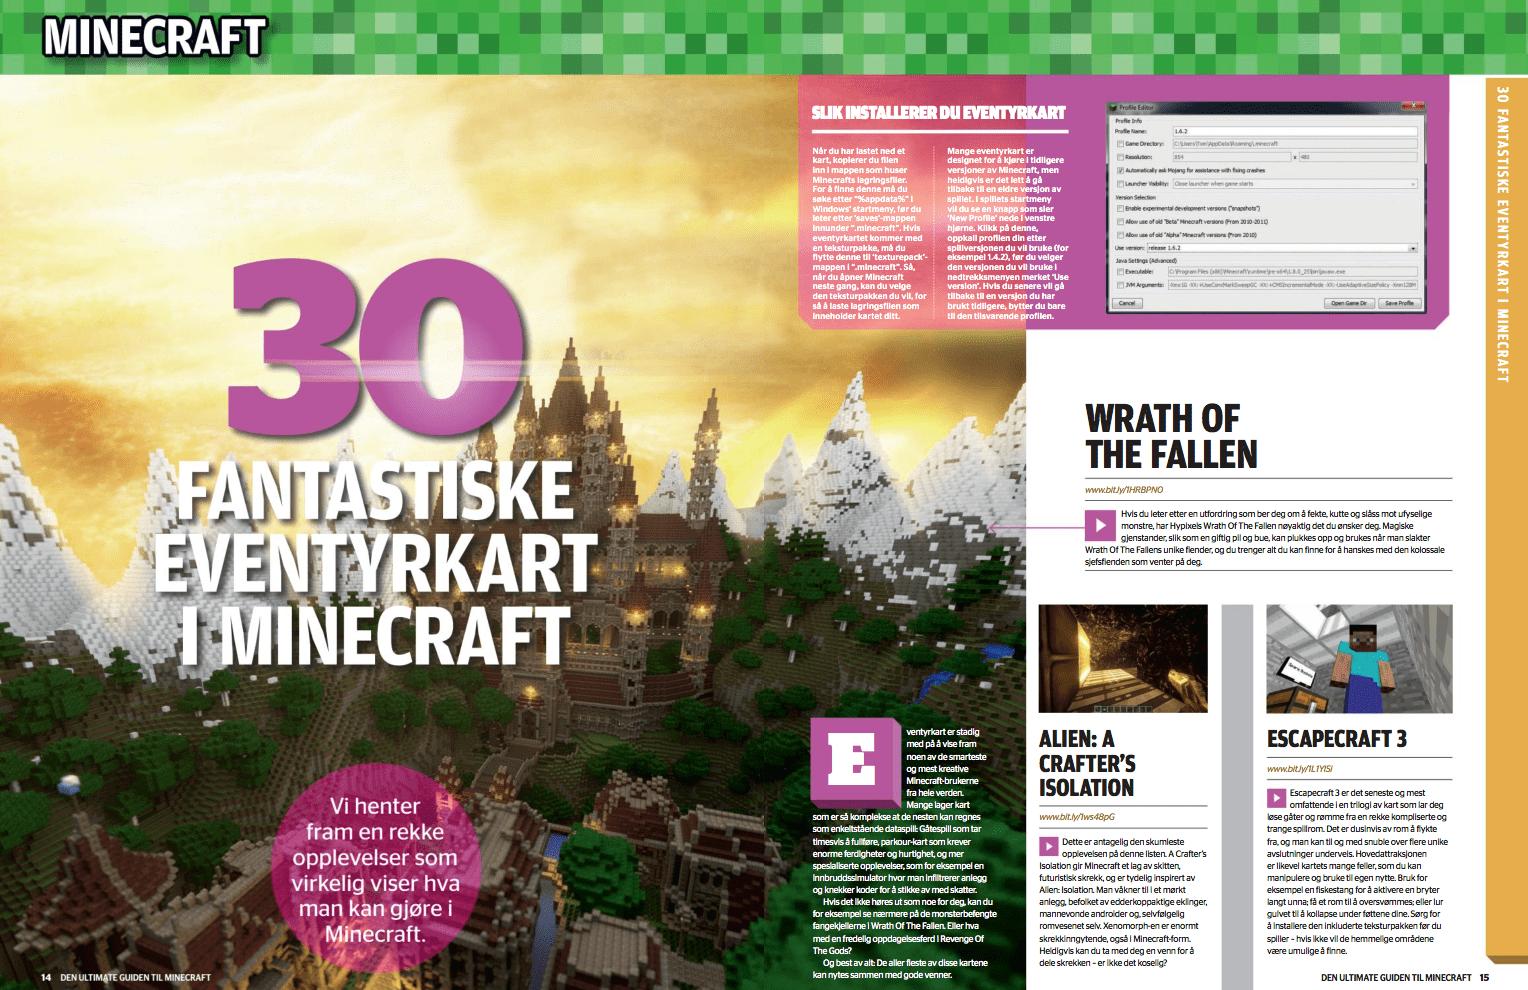 30 fantastiske eventyrkart i Minecraft, oppslag